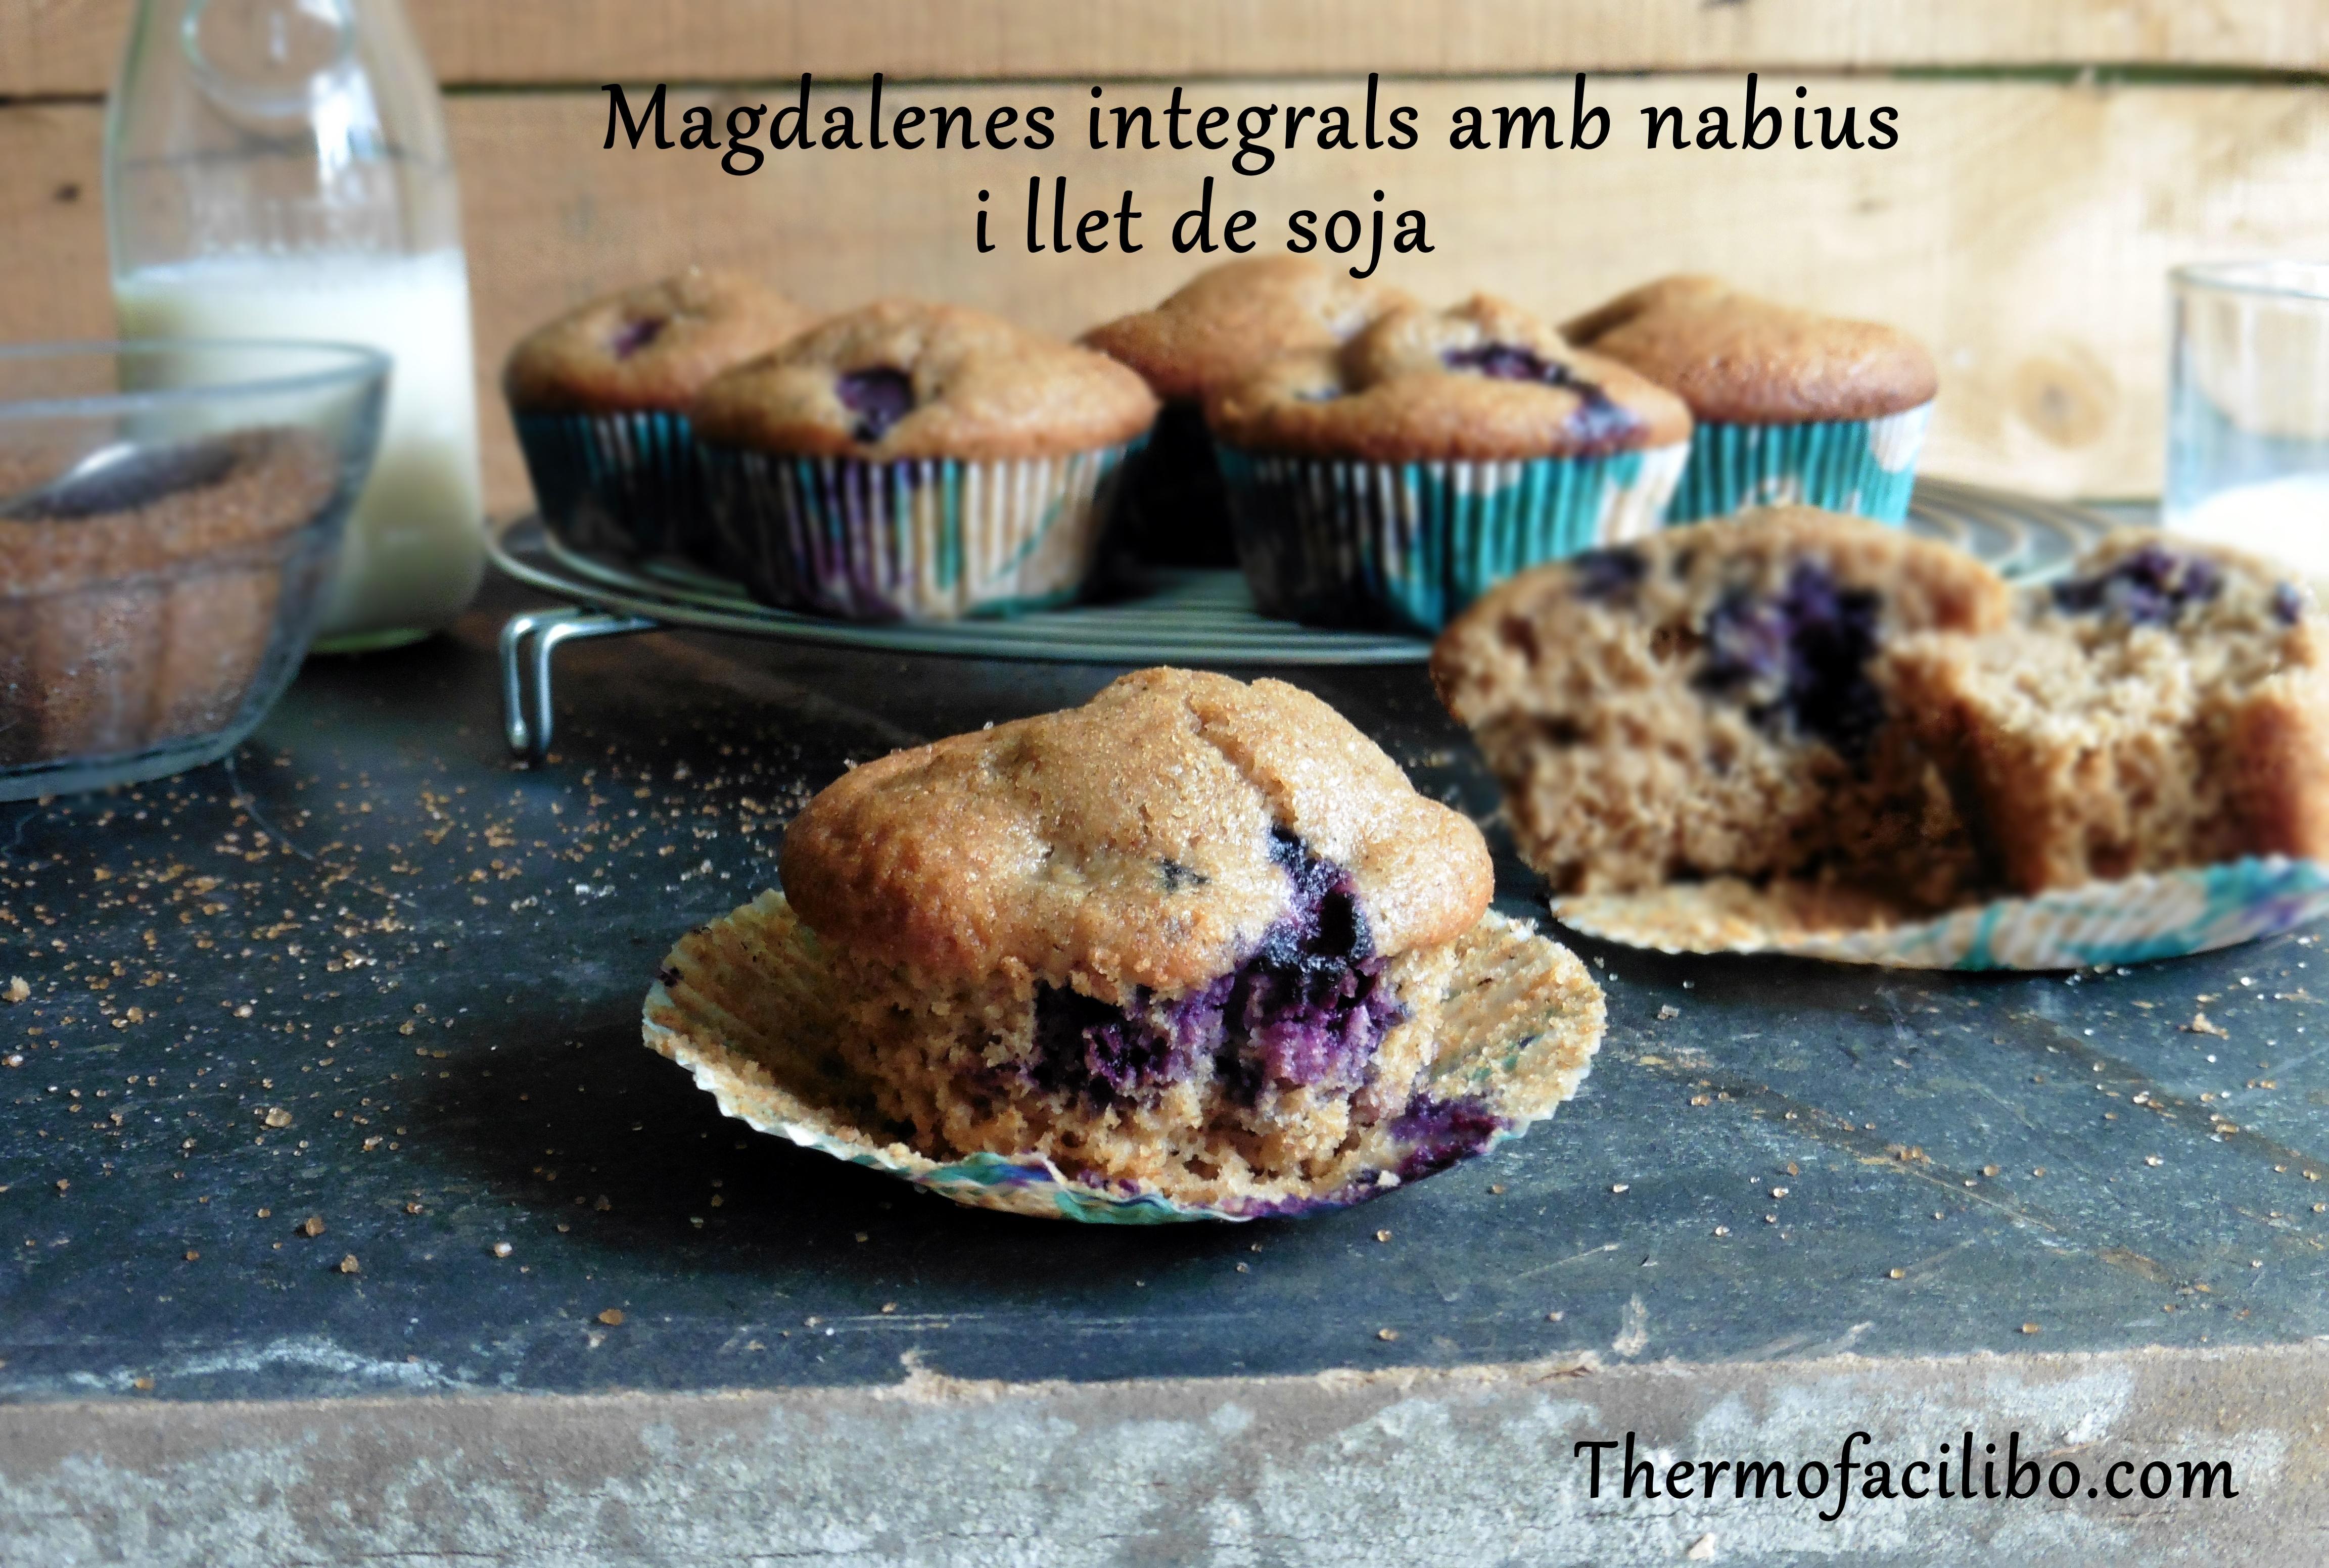 Magdalenes integrals amb nabius i soja